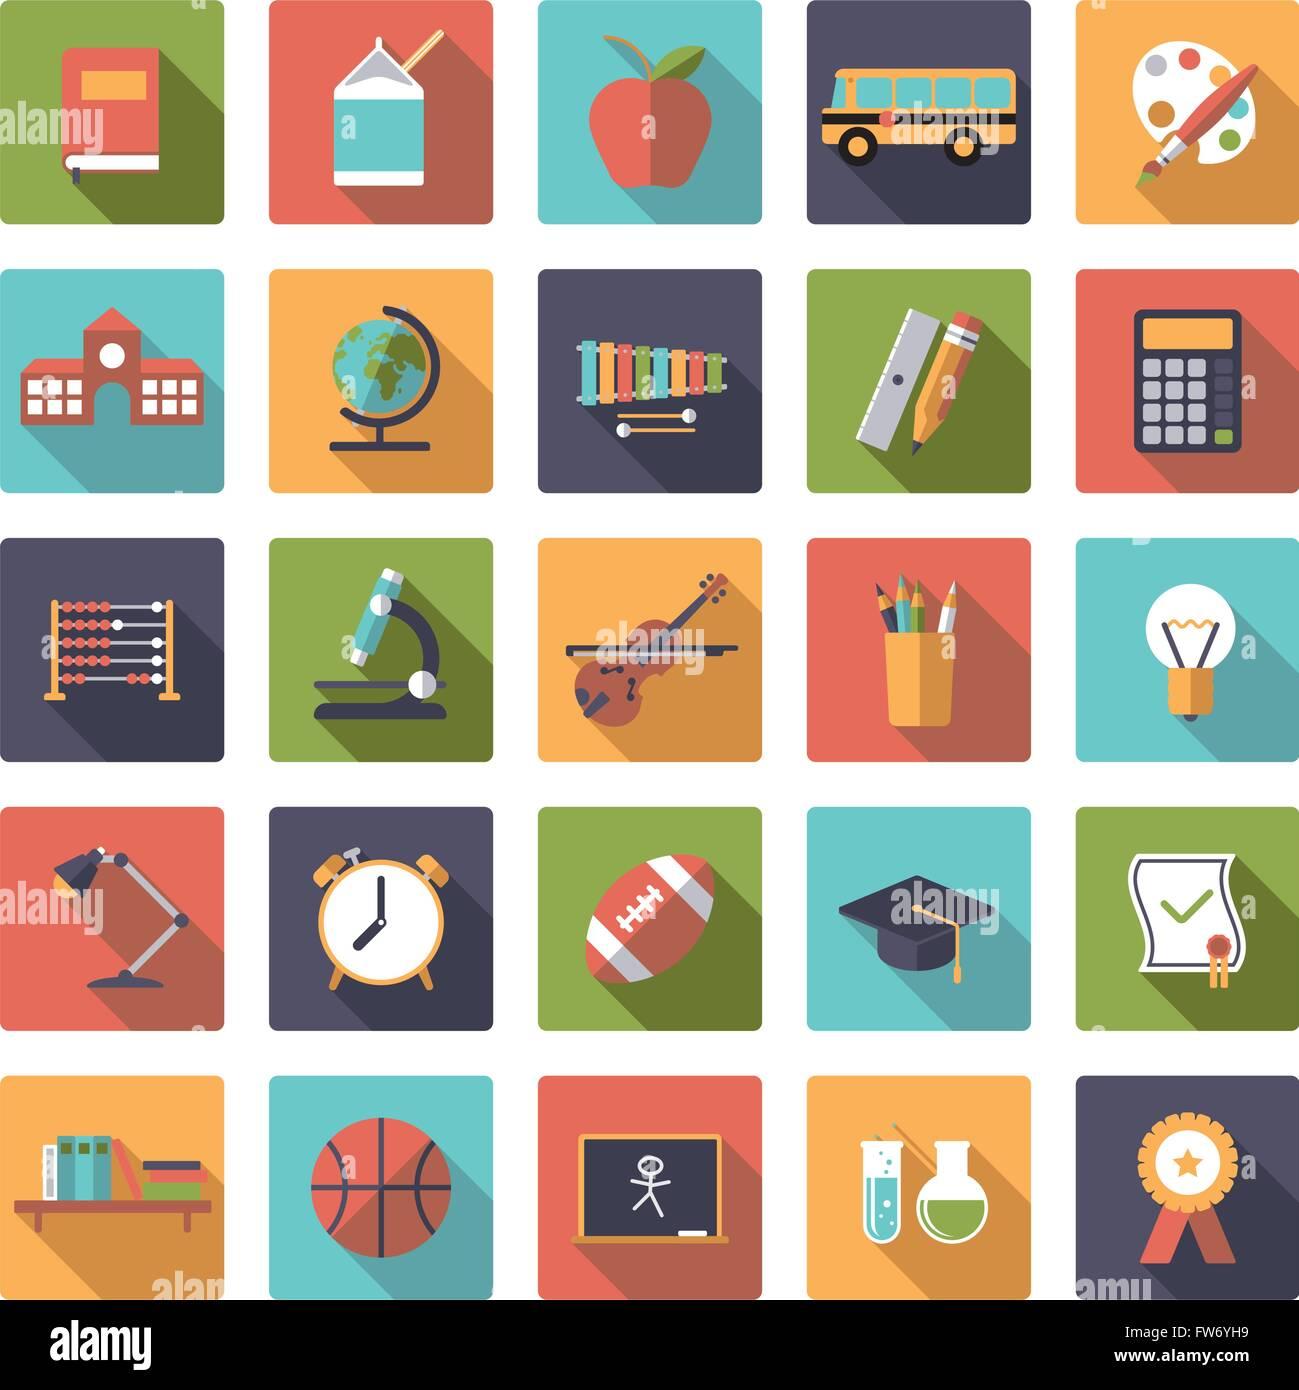 La educación, la escuela, el colegio y la universidad iconos relacionados en cuadrados redondeados, diseño Imagen De Stock